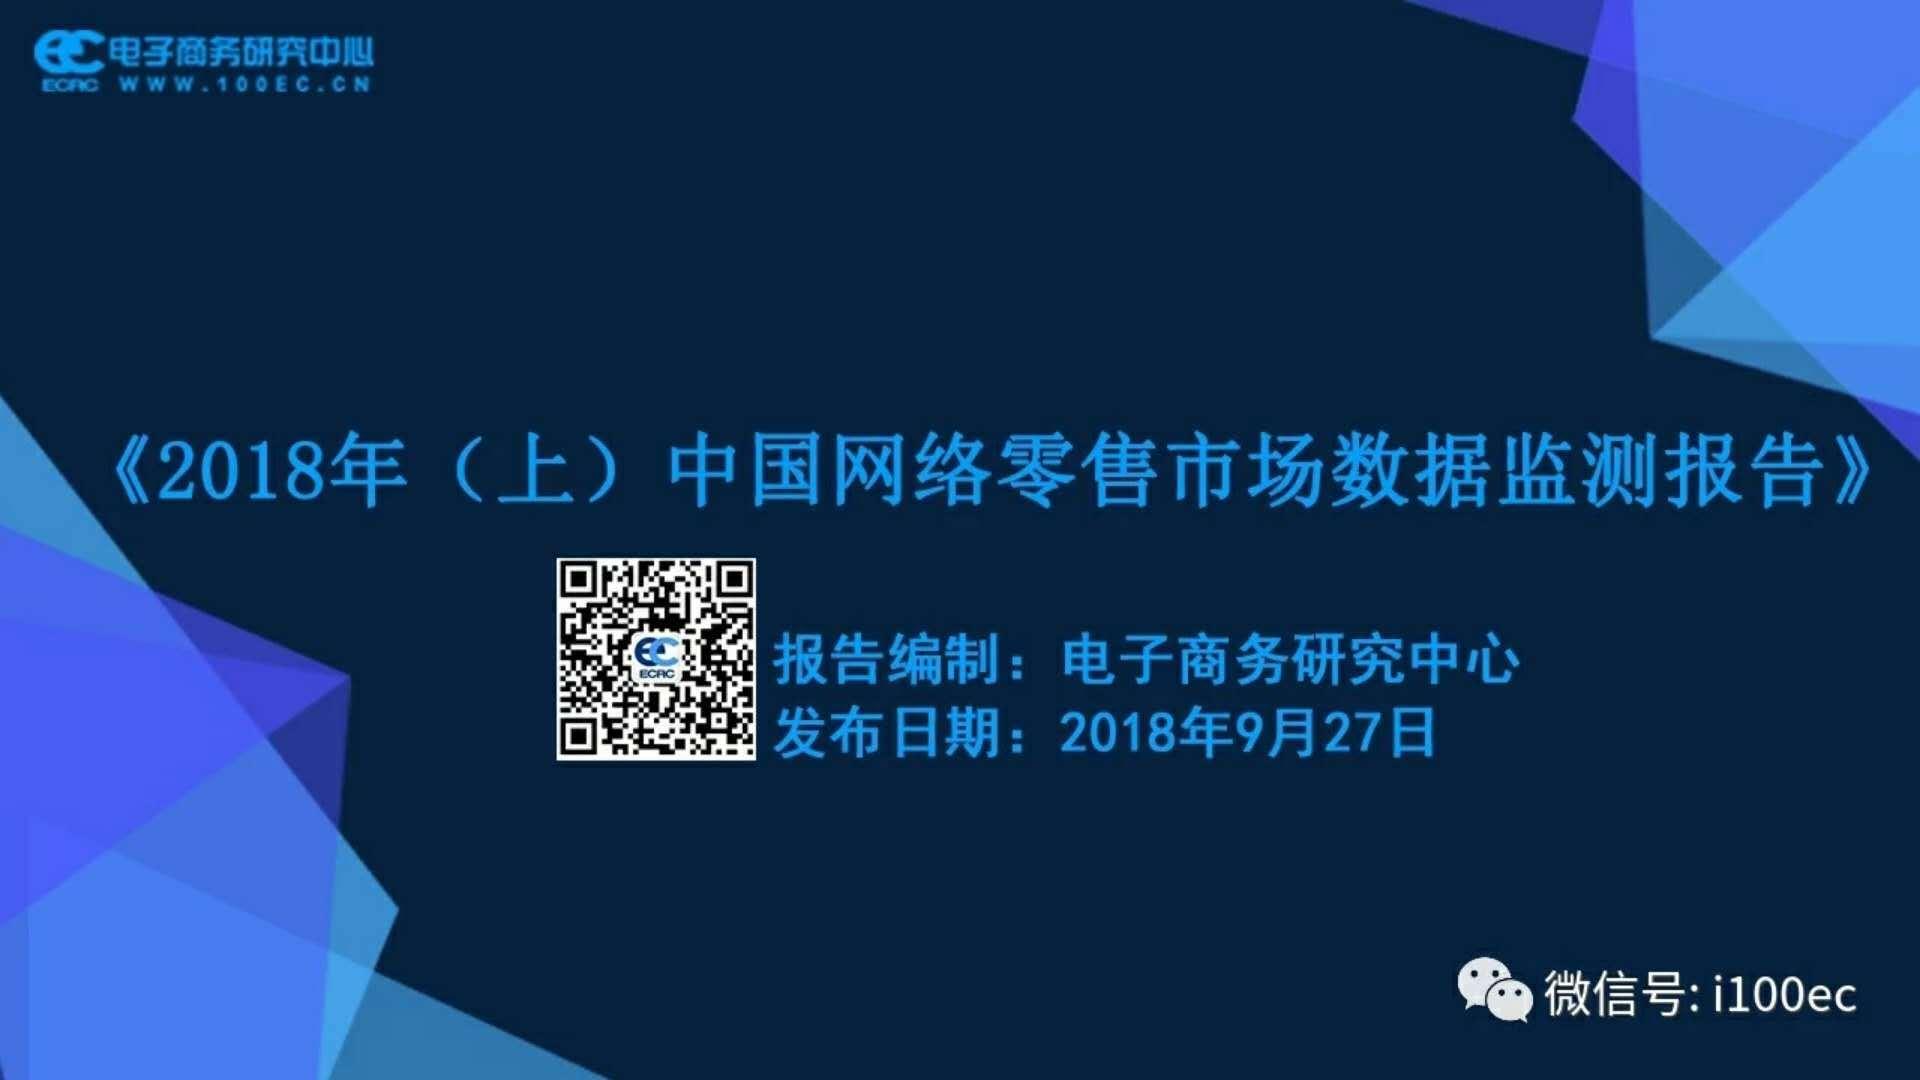 【PPT】《2018年(上)中国网络零售市场数据监测报告》(全文)首发